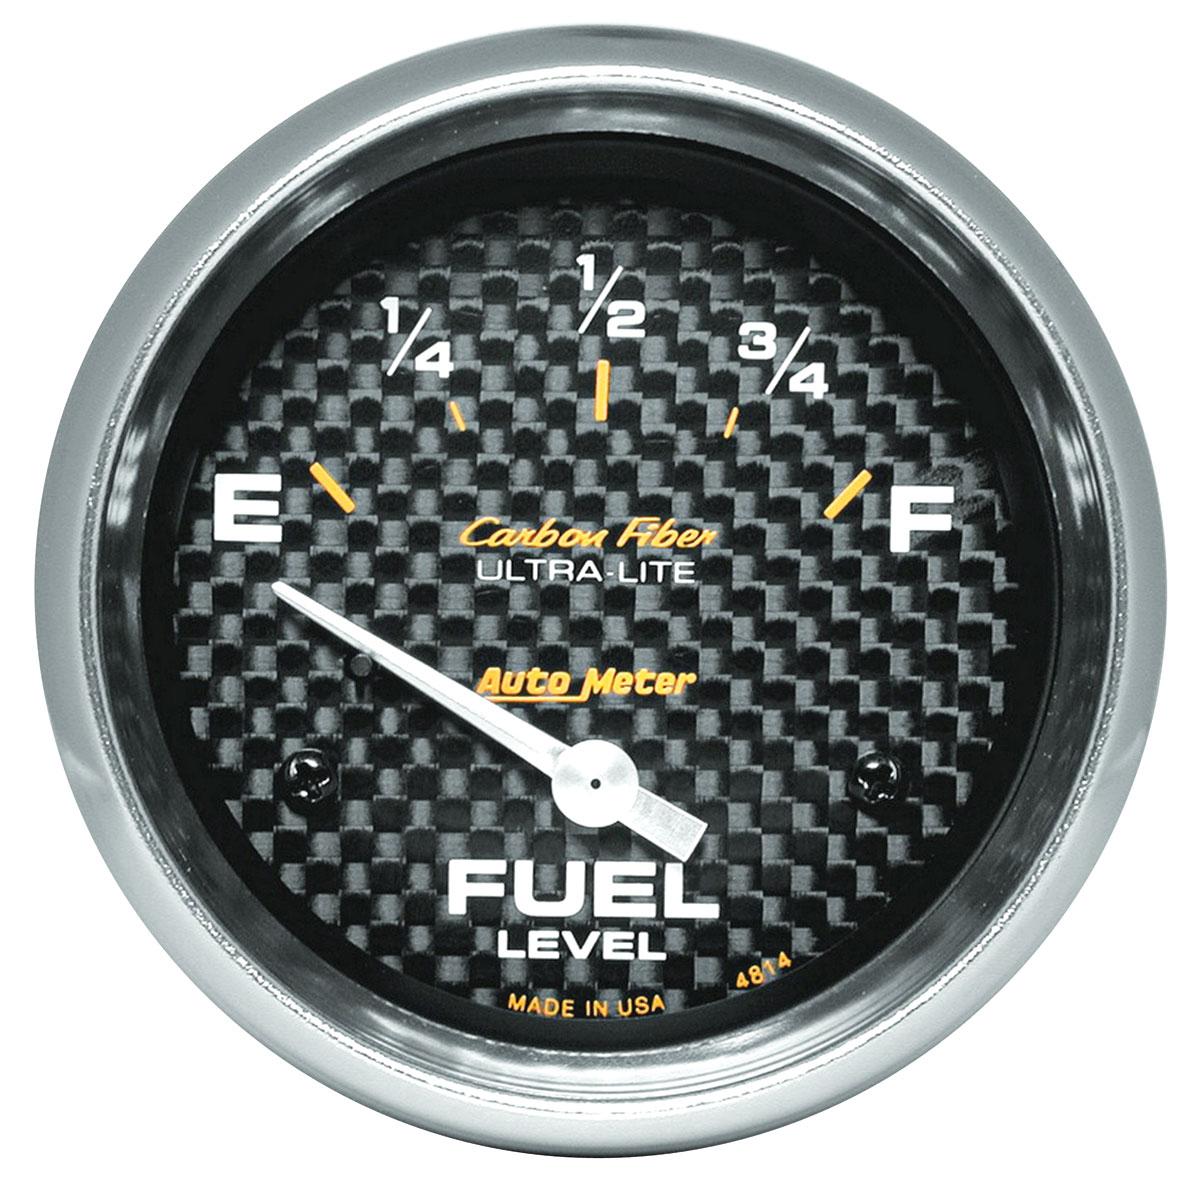 Gauge, Fuel, Auto Meter, Carbon Fiber, 2-5/8